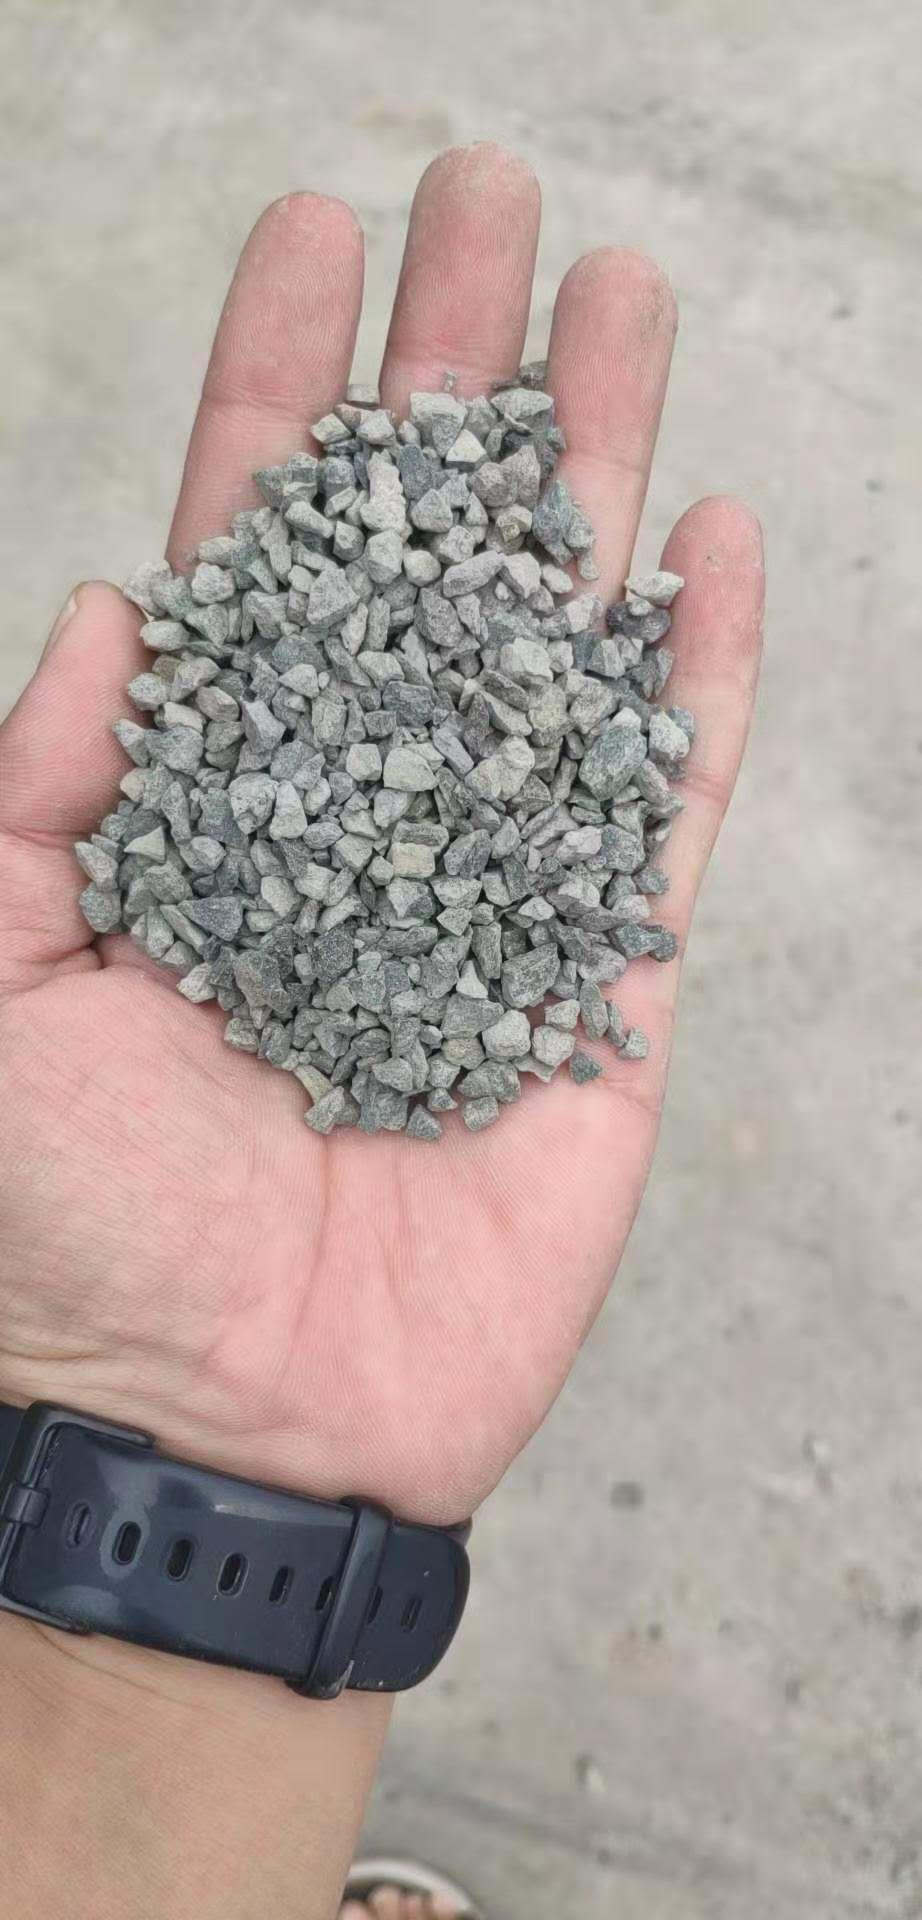 重庆透水路面石子多少钱一吨 展飞建材供应